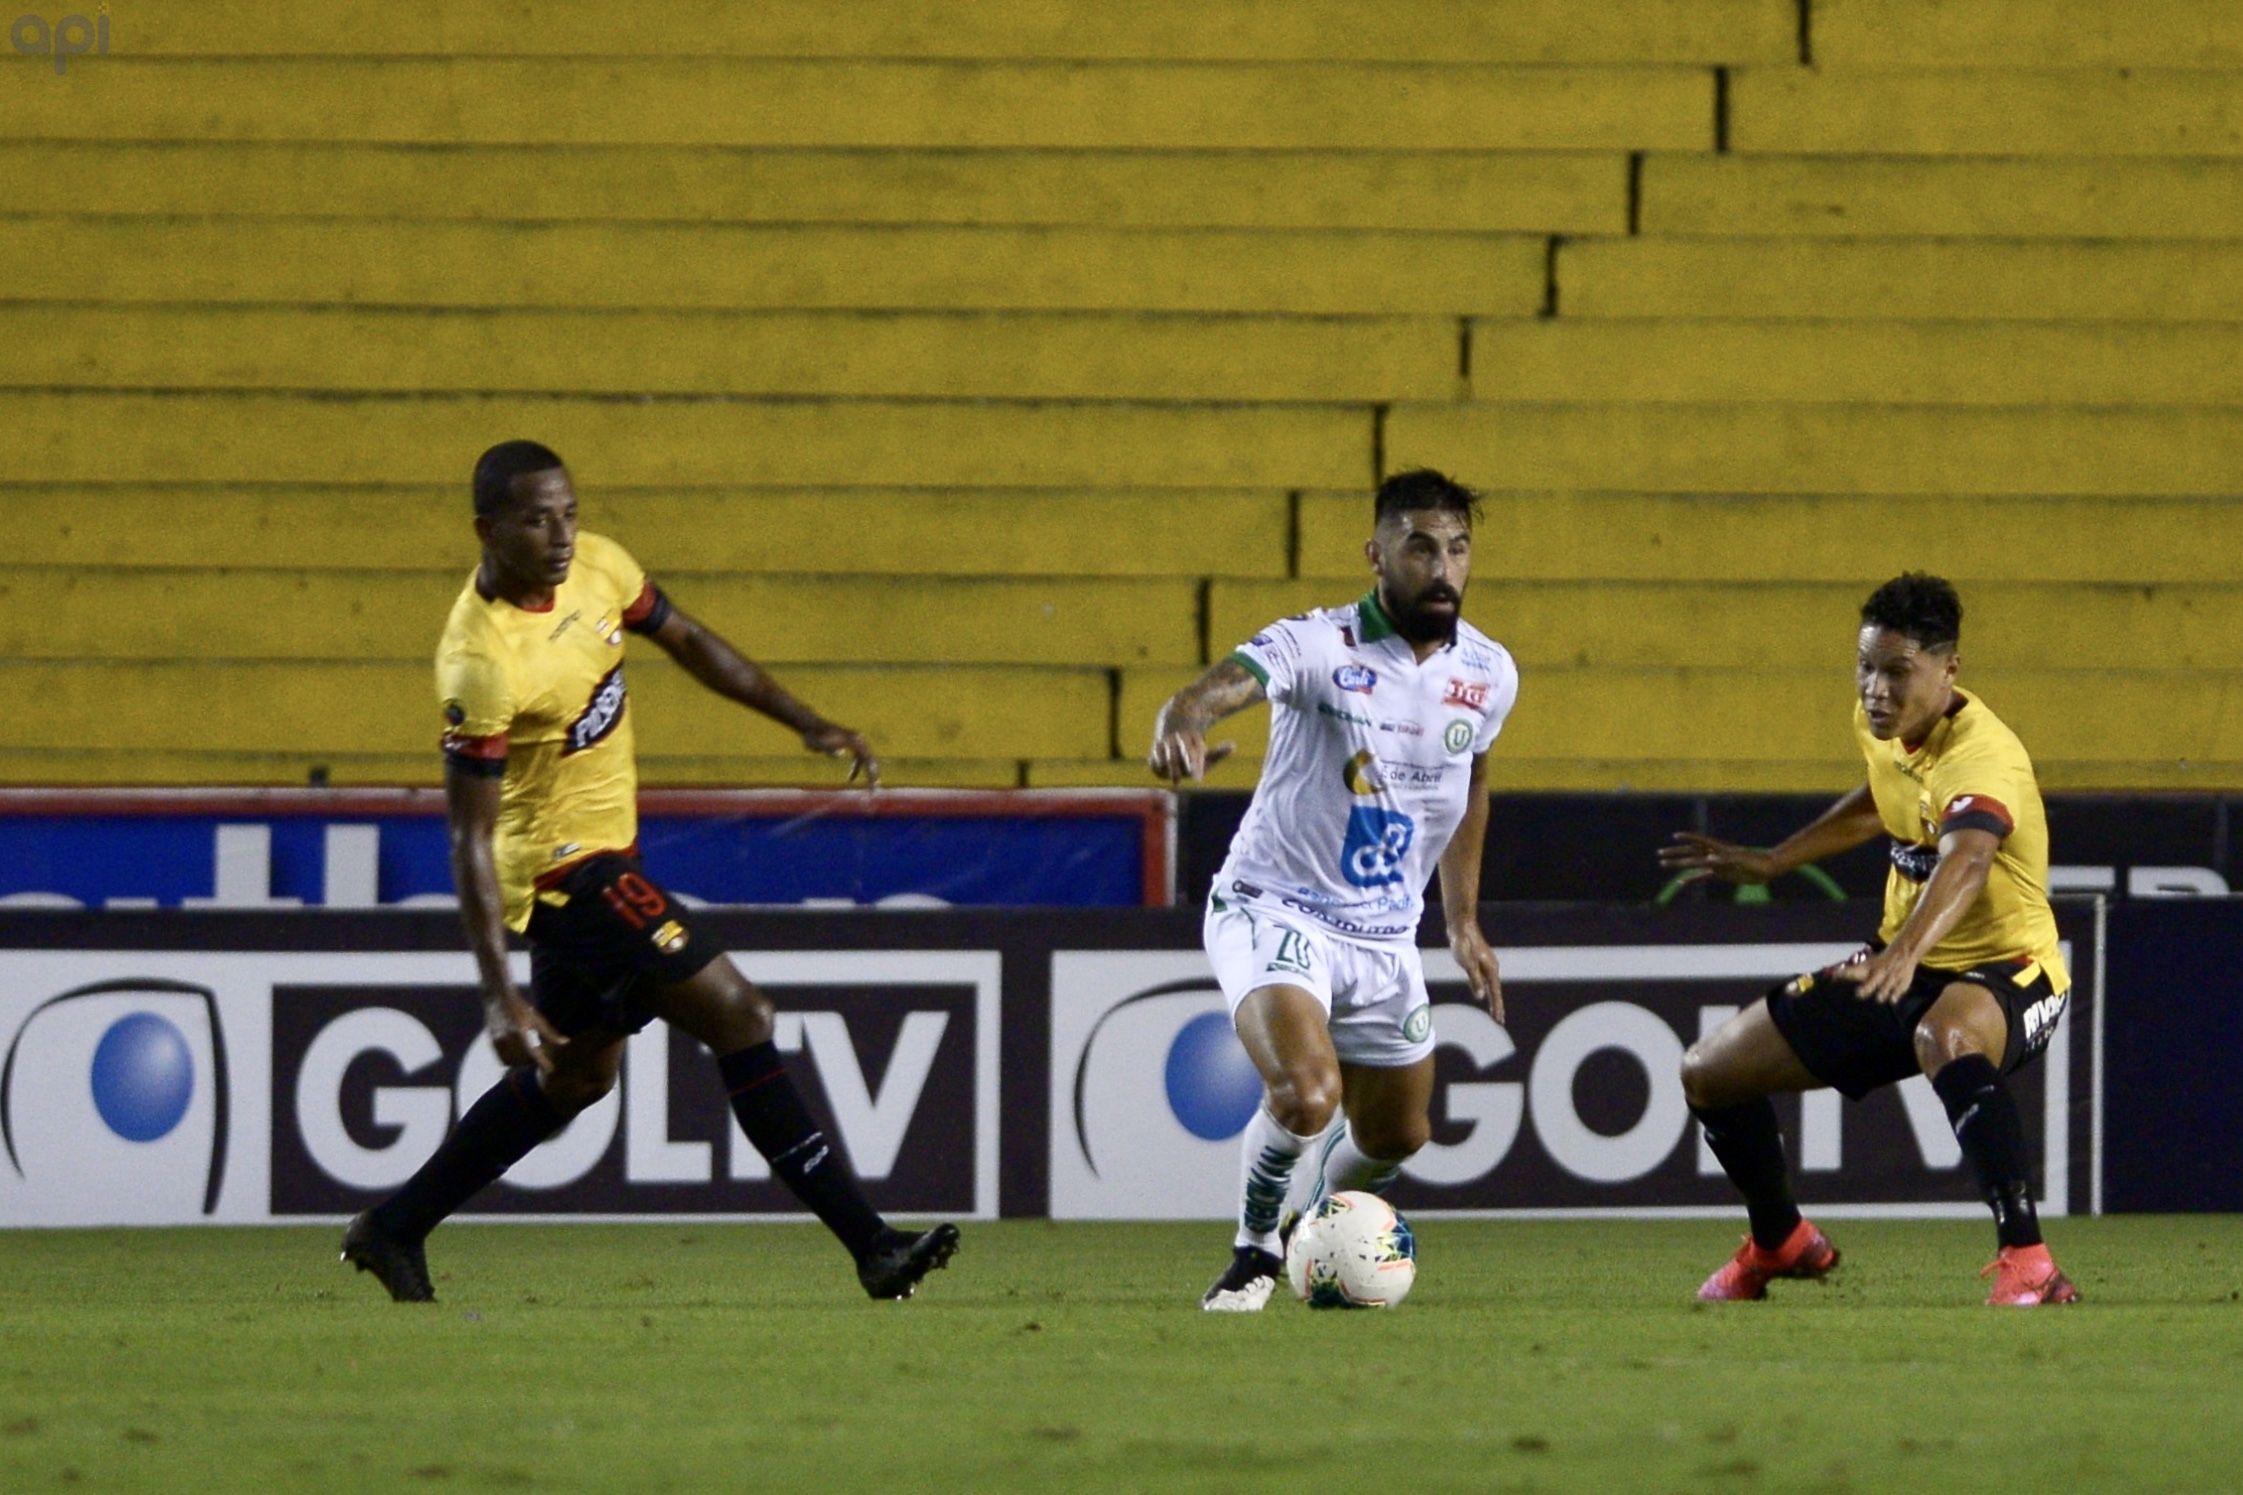 El delantero de Liga de Portoviejo se refirió a sus objetivos con el cuadro manabita y su trabajo físico en la pretemporada